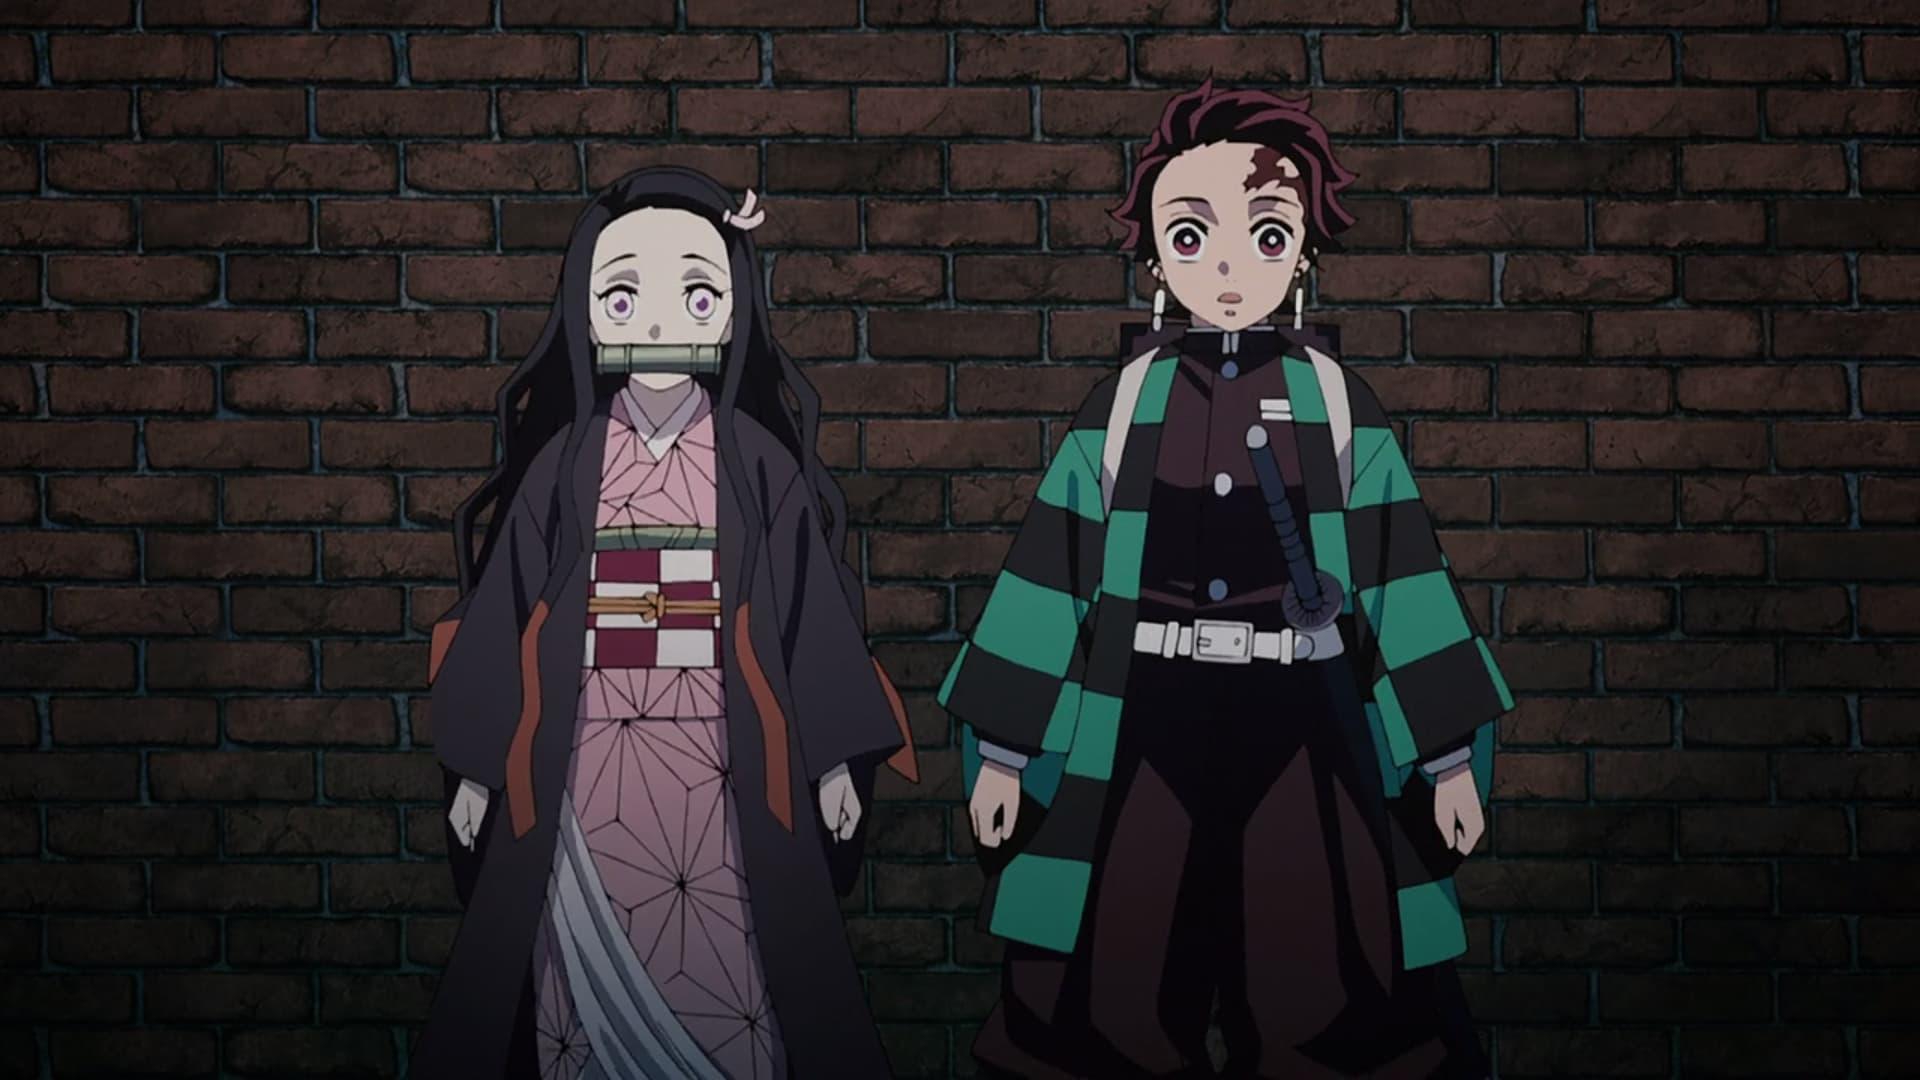 بررسی قسمت های 6 الی 8 انیمه Kimetsu no Yaiba